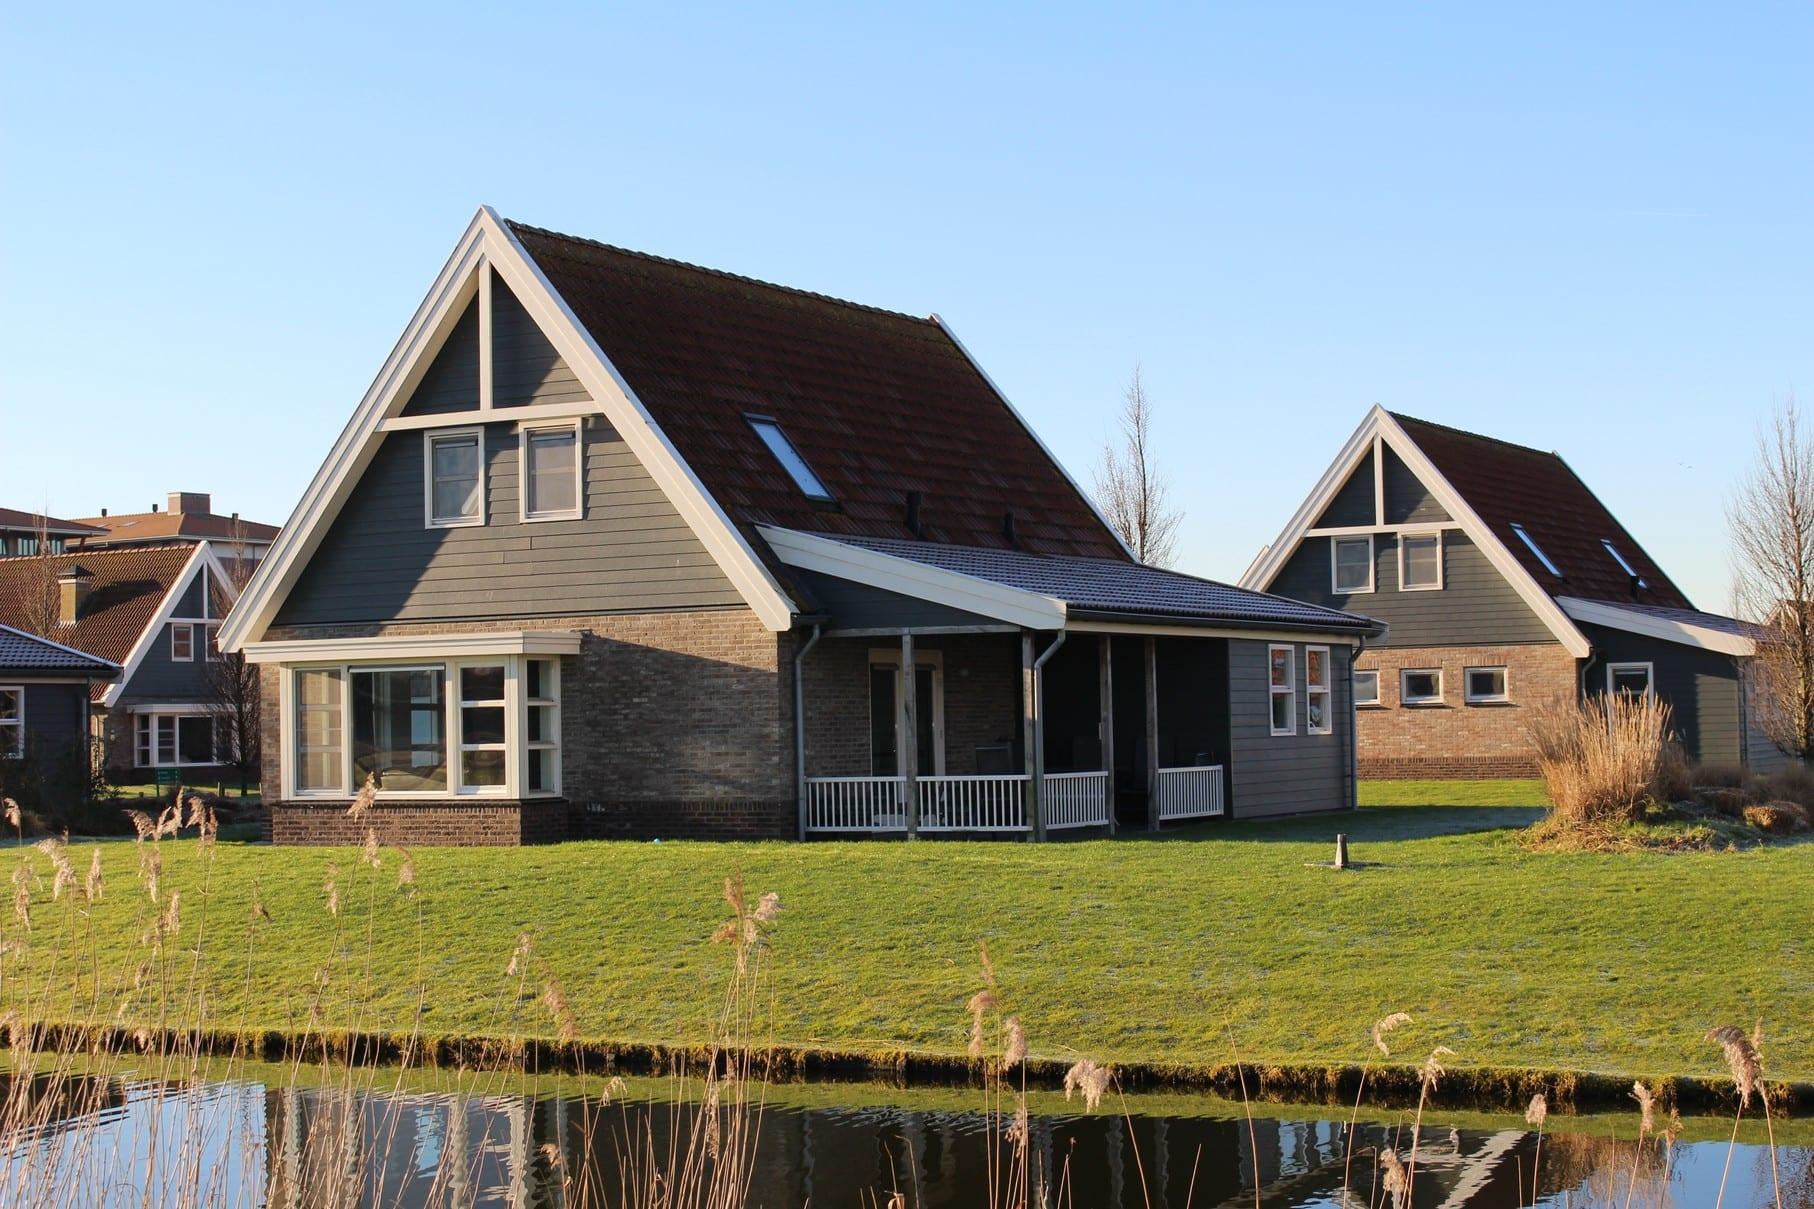 1 Vakantiehuis nr. 2075 Waterparc Veluwemeer 6-pers. Luxe